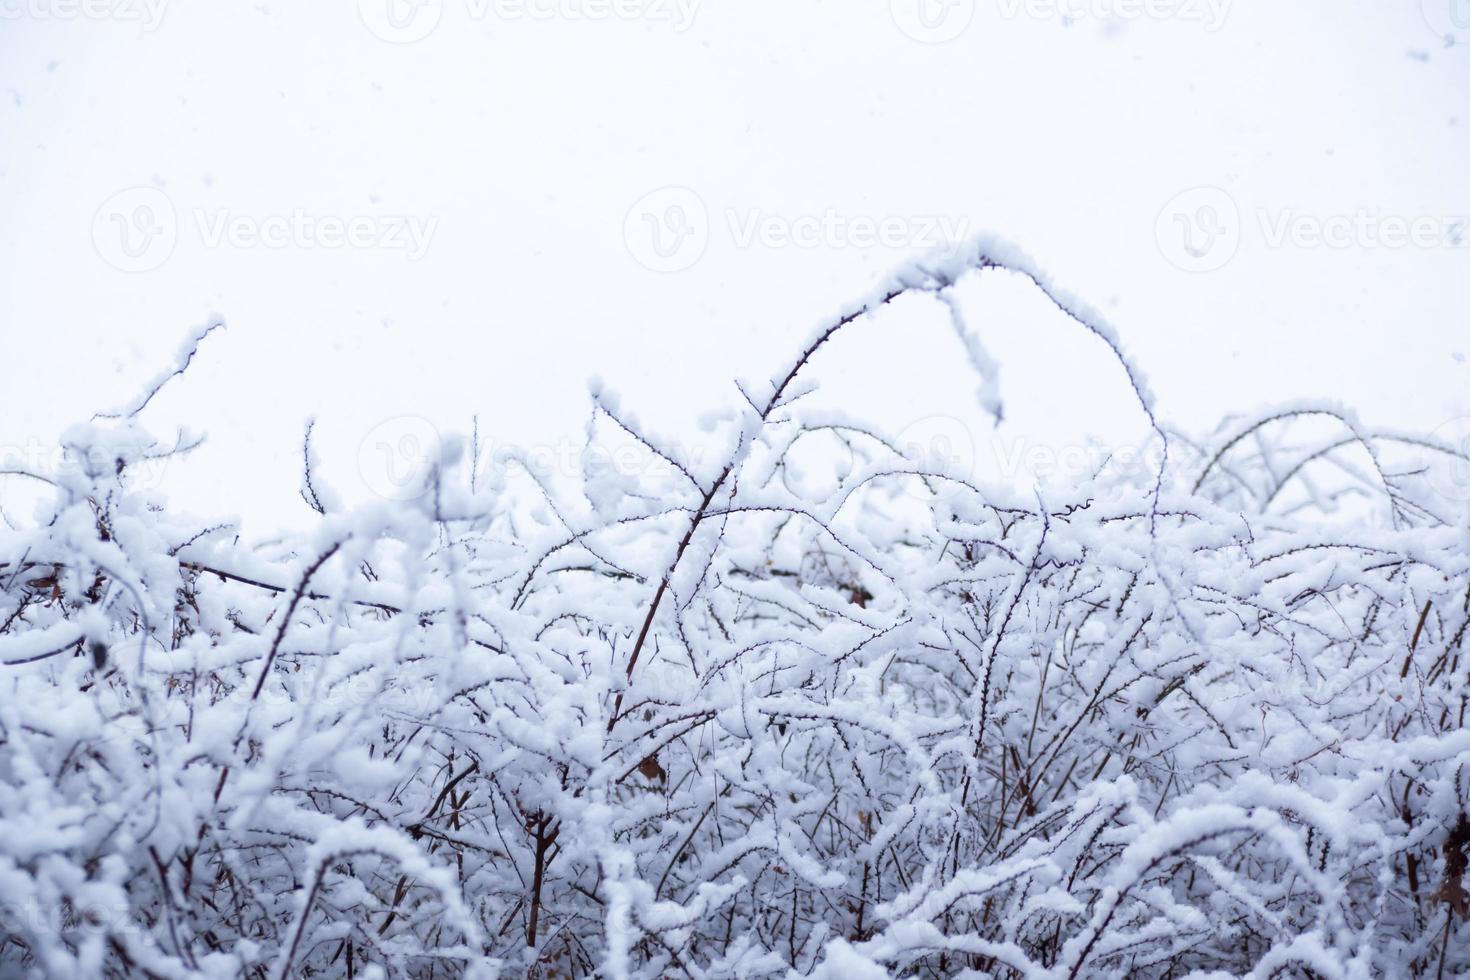 neve, scena di neve, coperta di neve in giappone foto